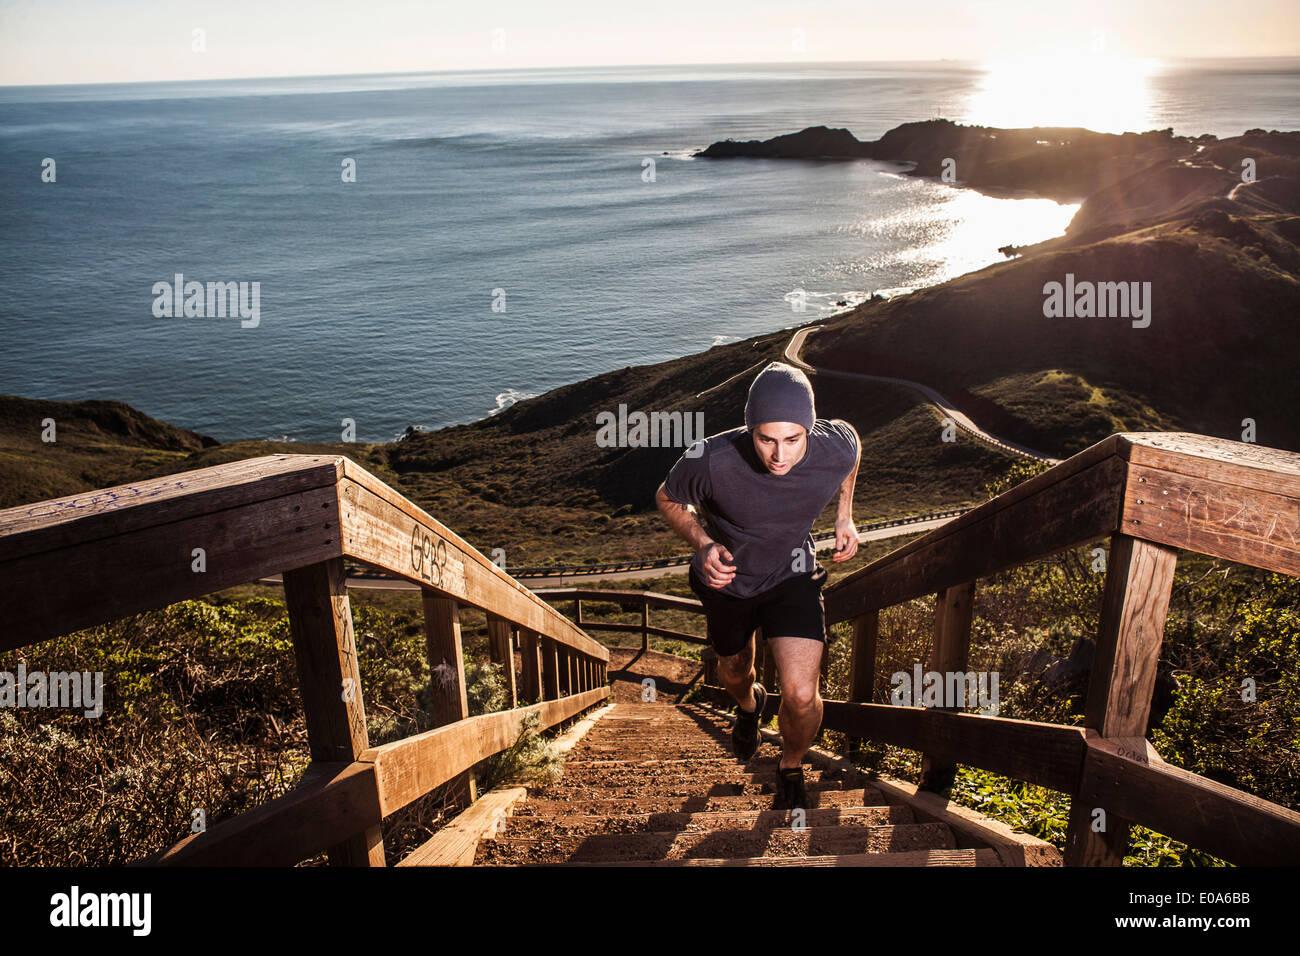 Giovane uomo in esecuzione su scala costiera al tramonto Immagini Stock